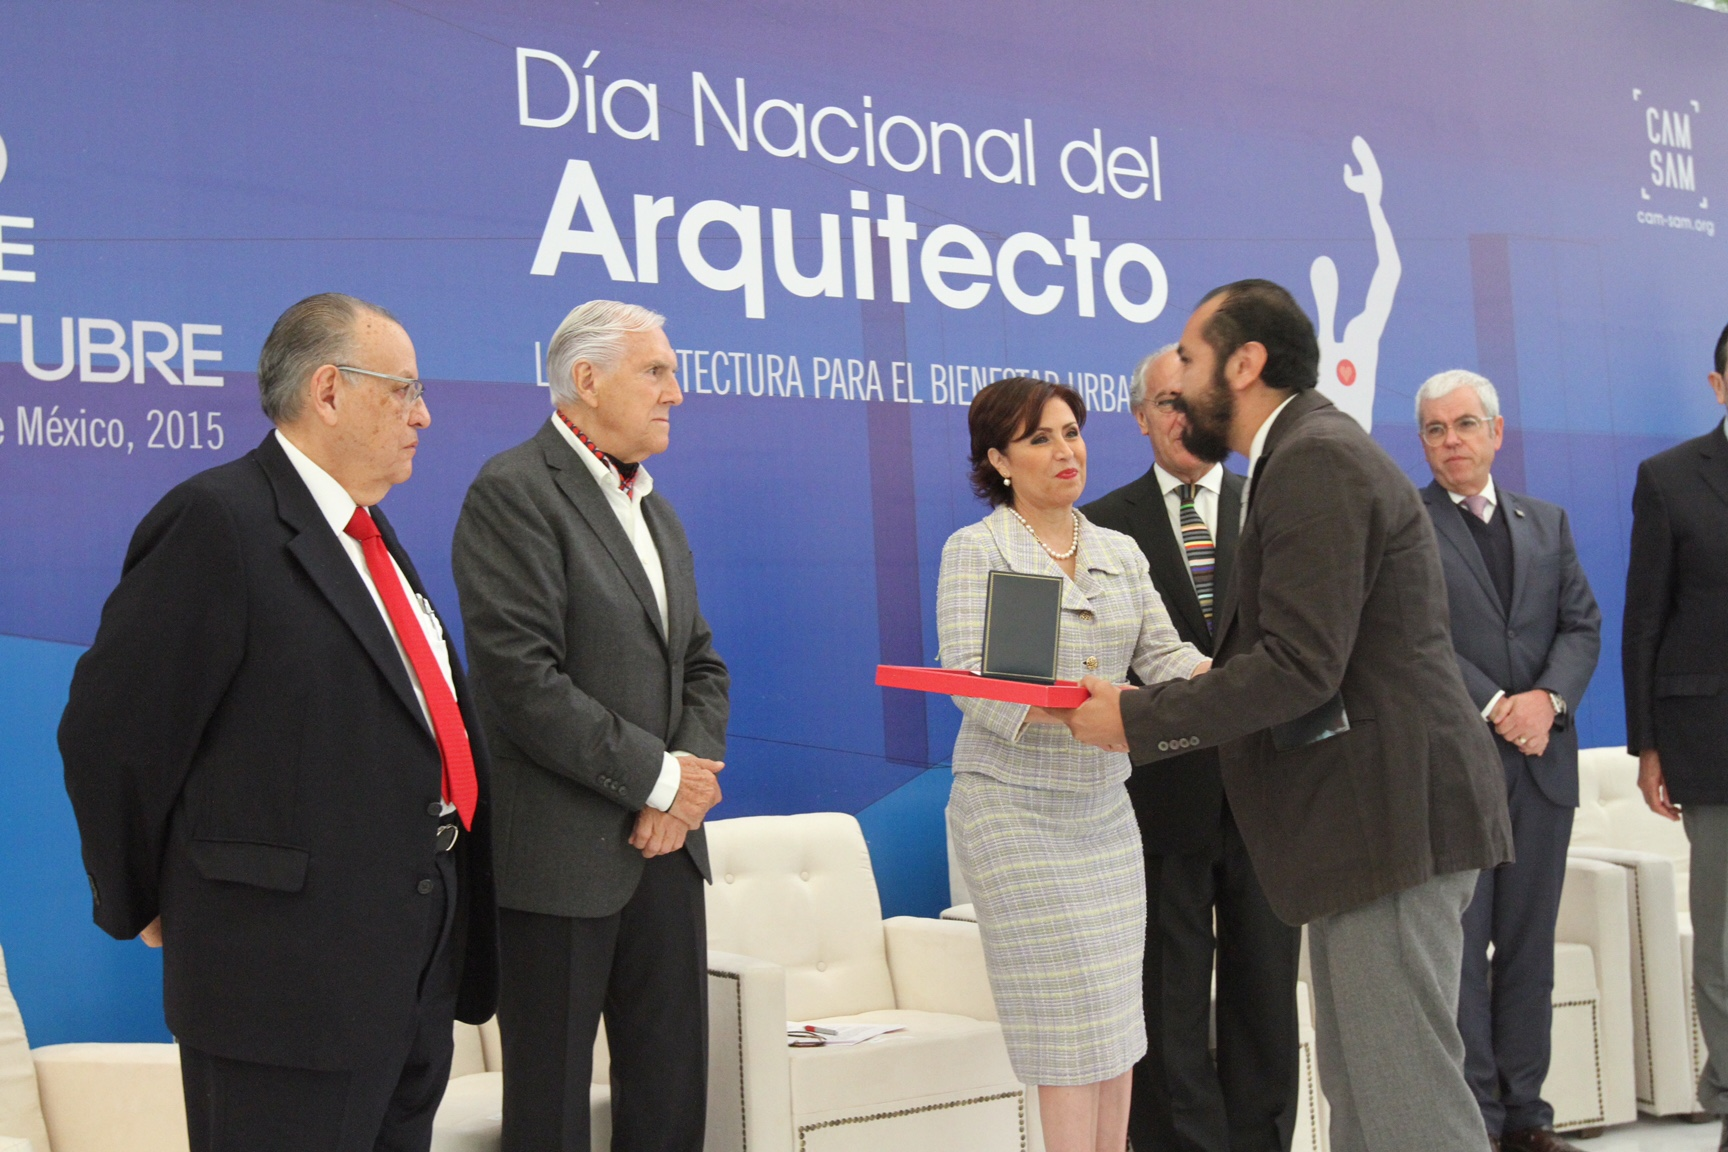 Reflexionó sobre la posibilidad de crear gobiernos metropolitanos, al participar en la celebración del Día Nacional del Arquitecto.